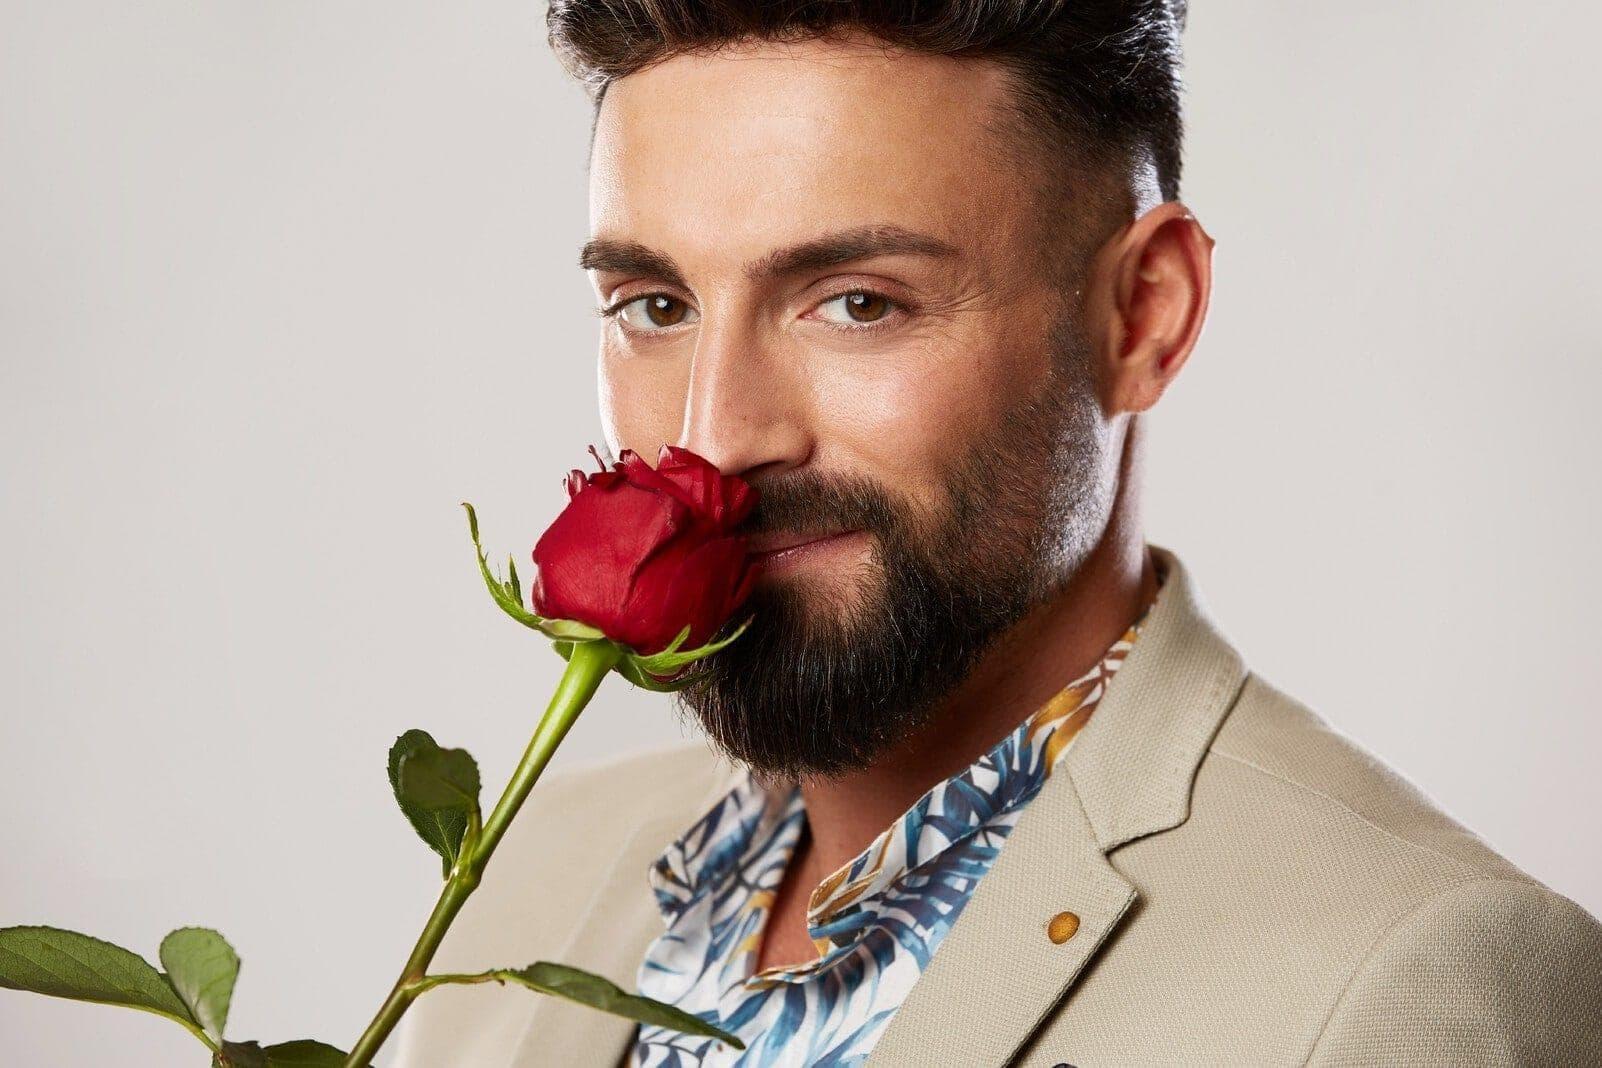 Bachelorette-Kandidat Fabiano